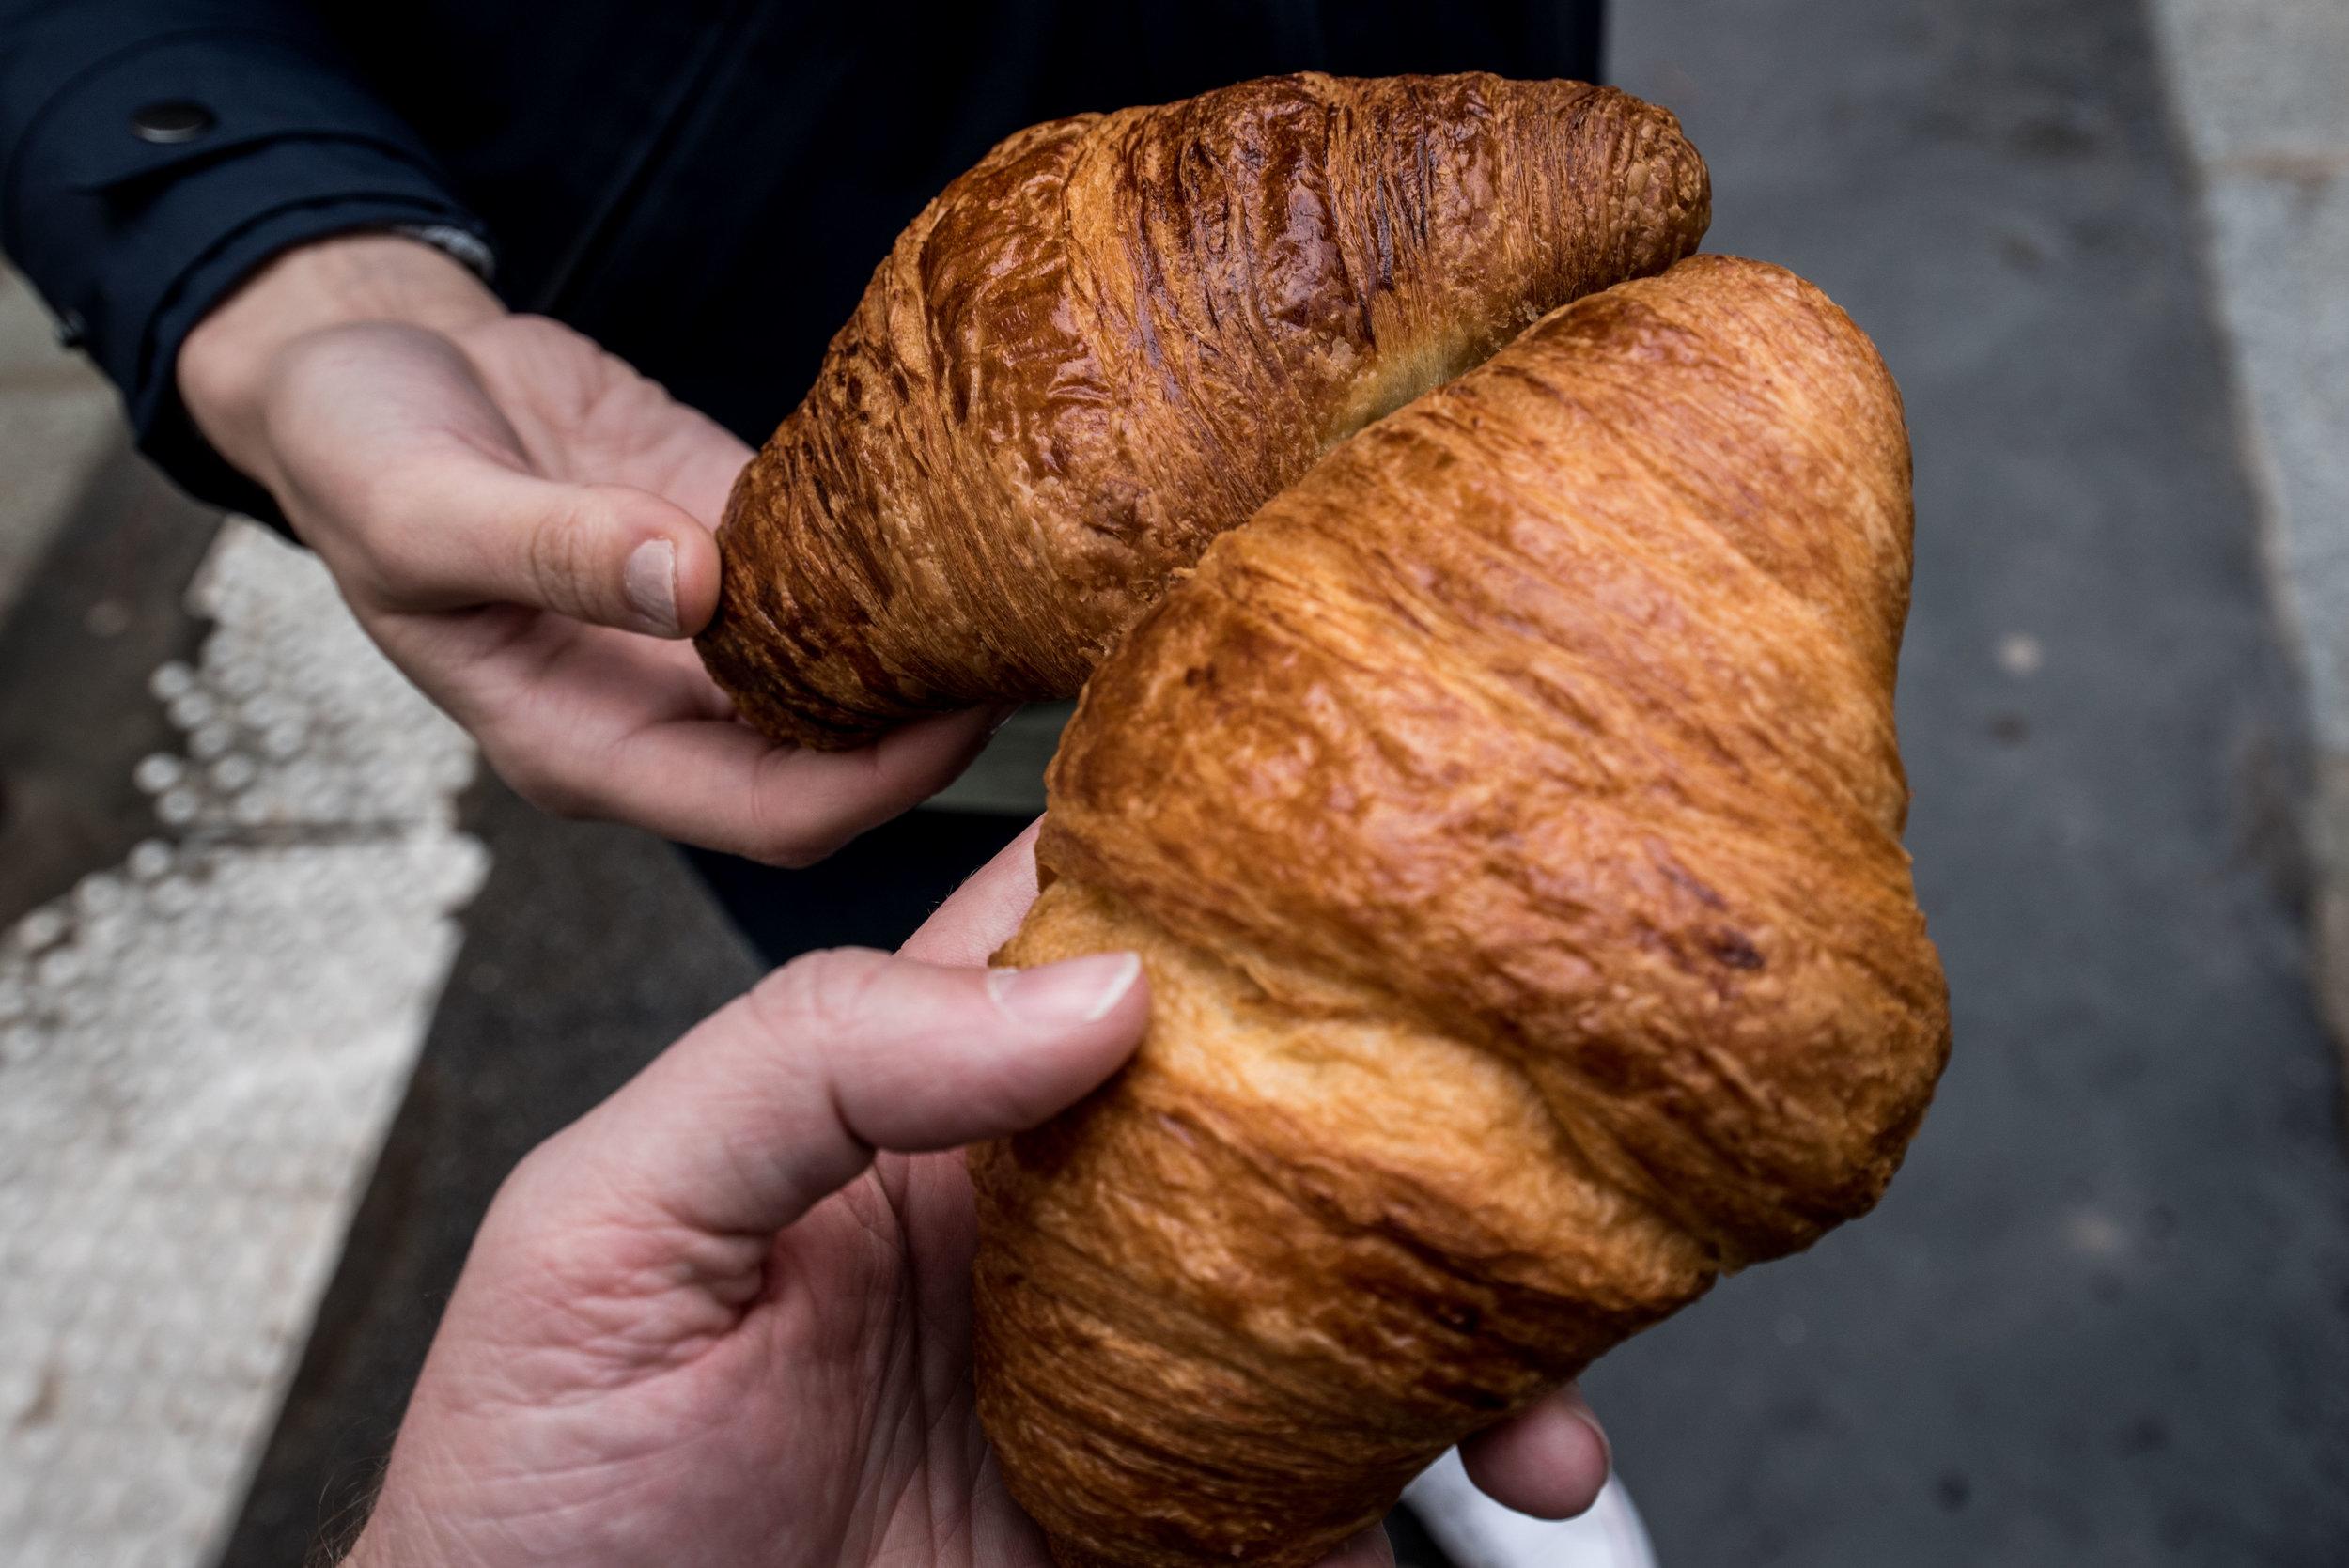 Je voudrais deux croissants, s'il vous plaît.